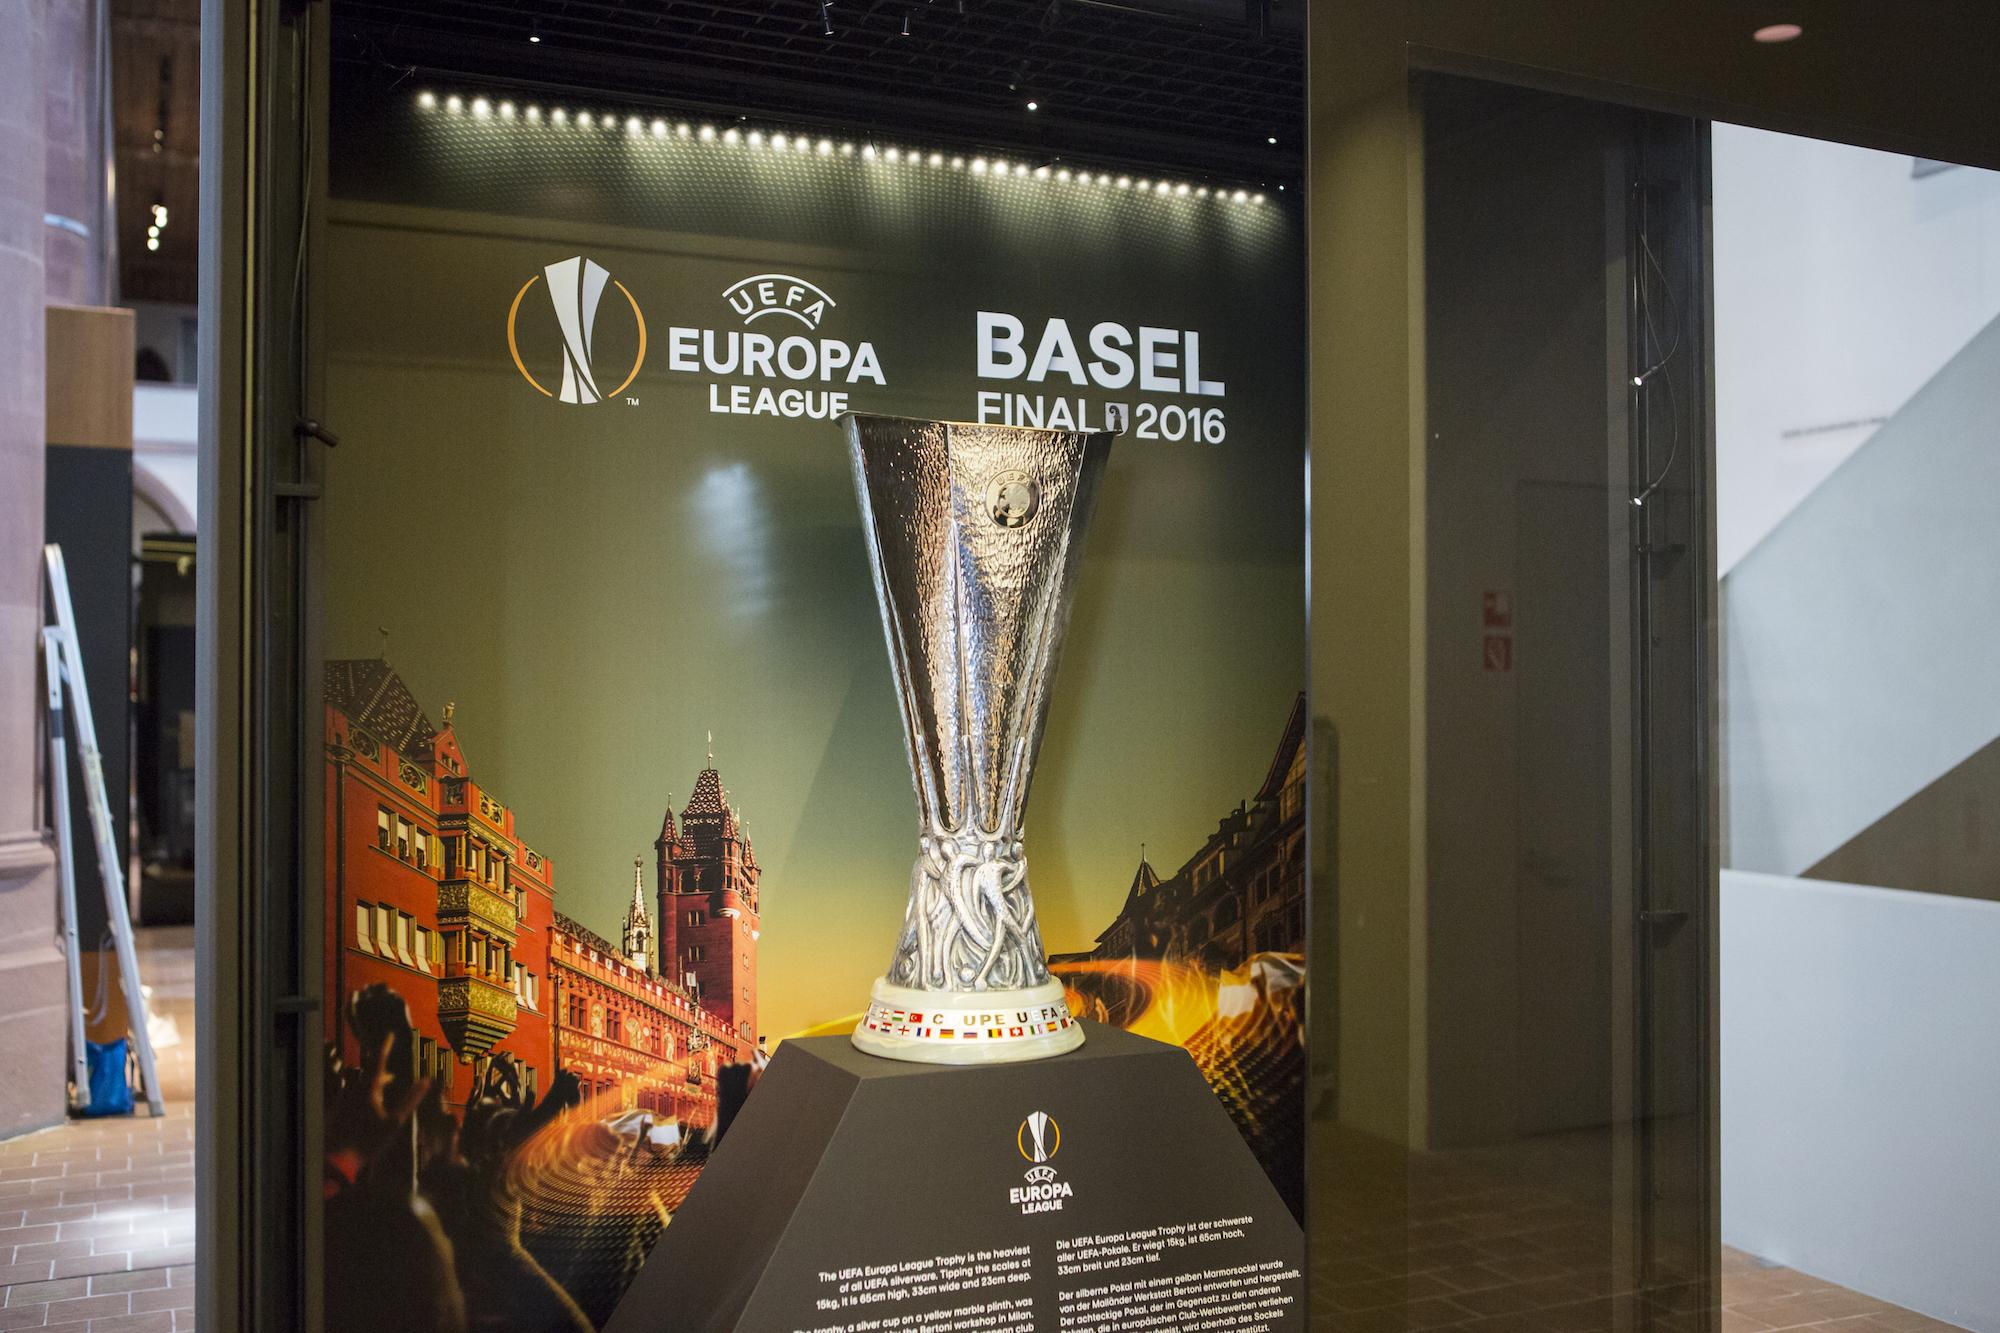 Der Uefa-Pokal für den Gewinner der Europa League im Historischen Museum in Basel im April/Mai 2016.